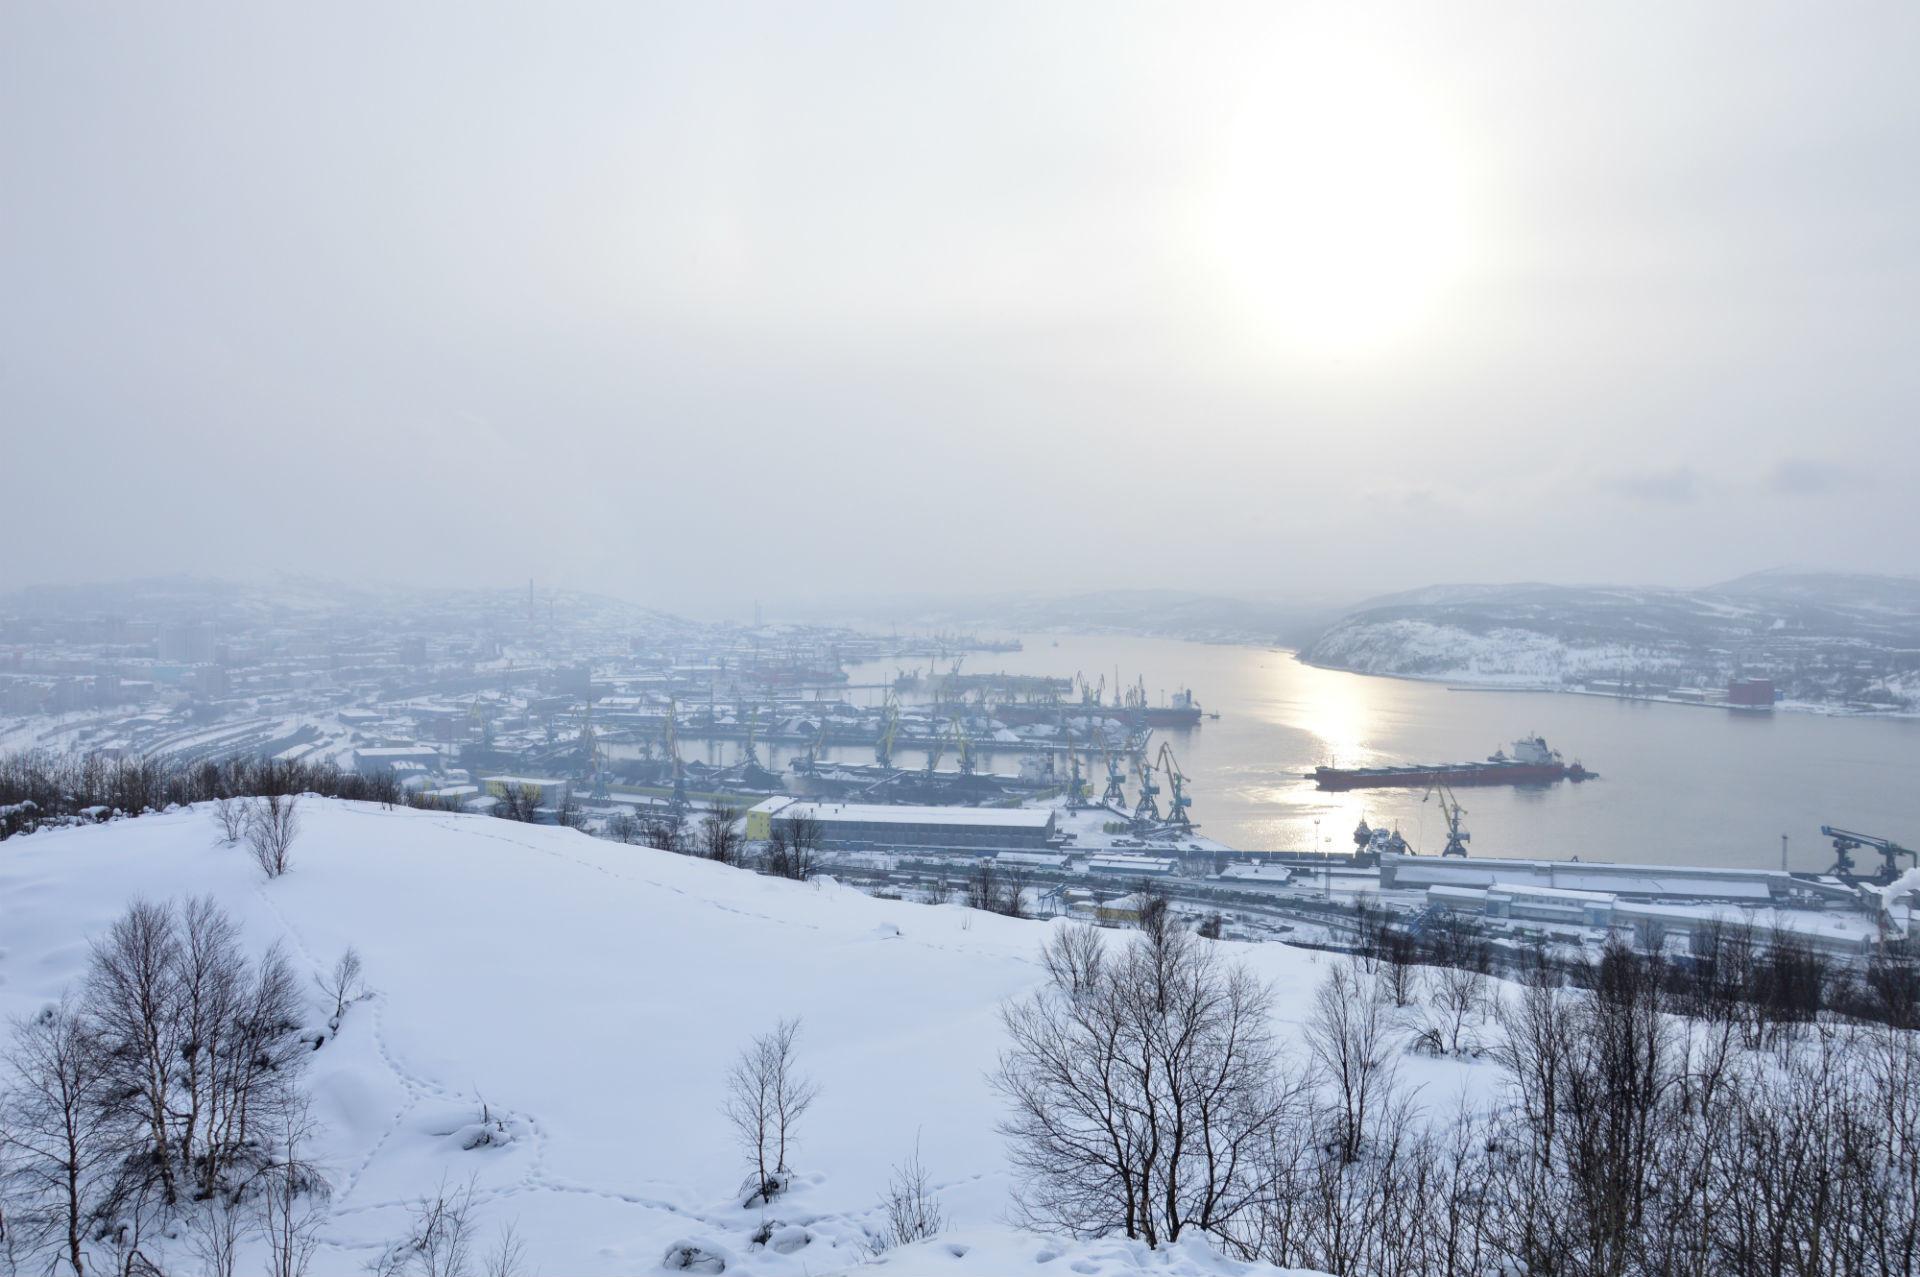 Obzorje izginja za debelim slojem megle in snega.